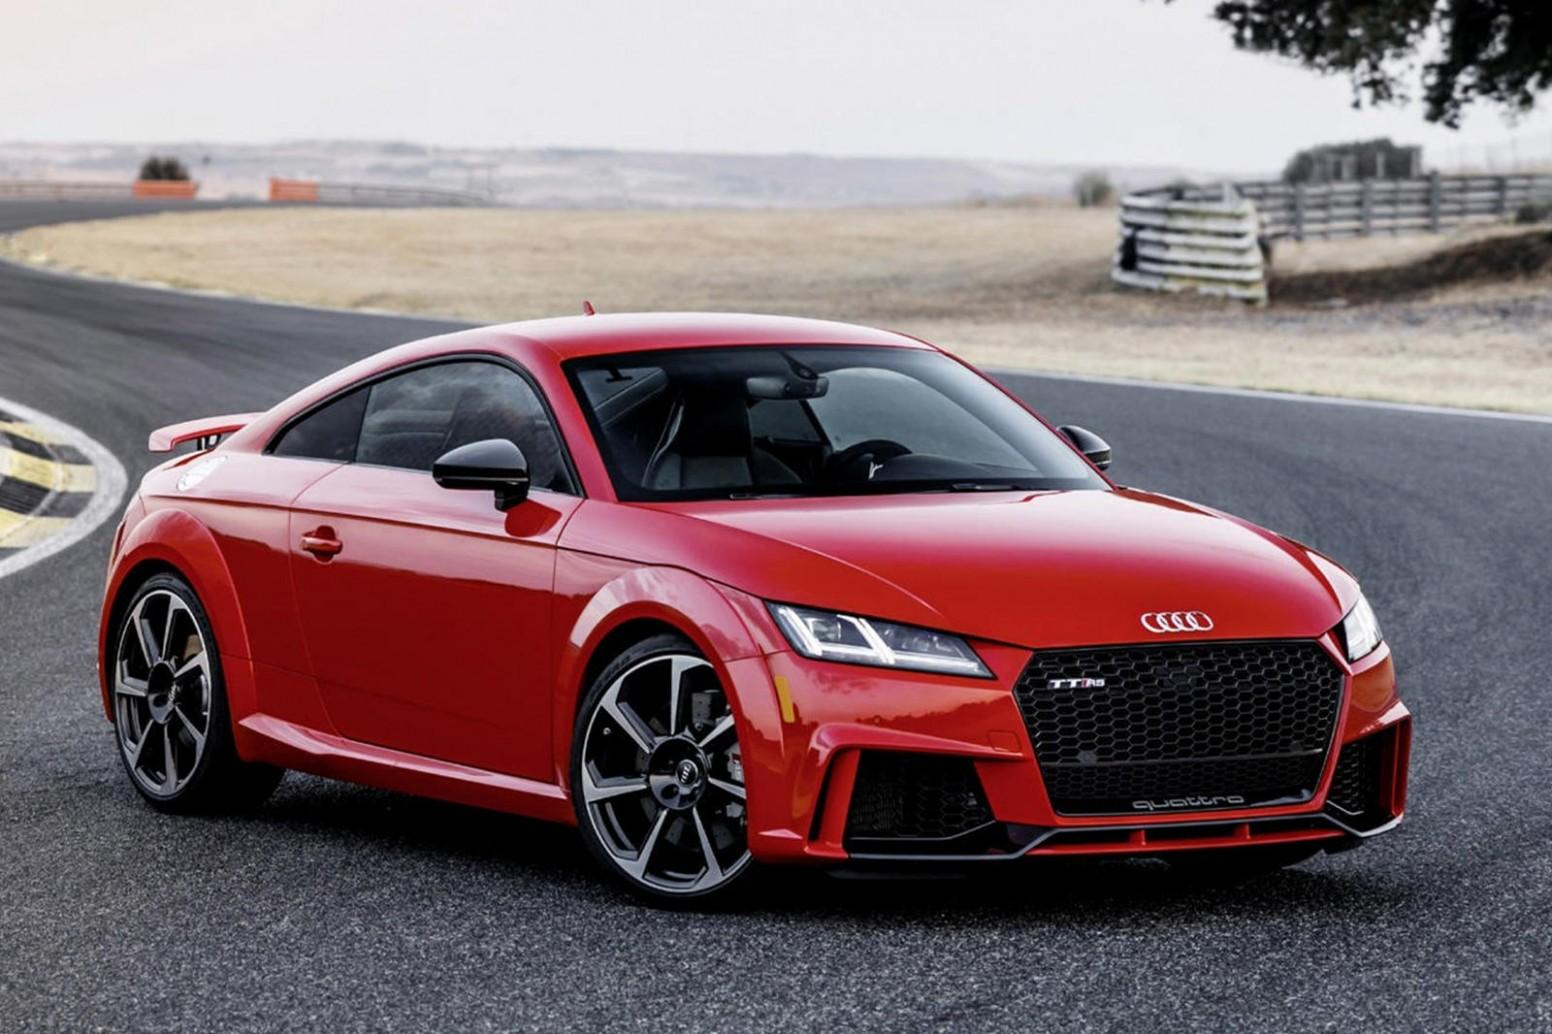 5 Audi TT RS: Review, Trims, Specs, Price, New Interior - Audi Tt 2021